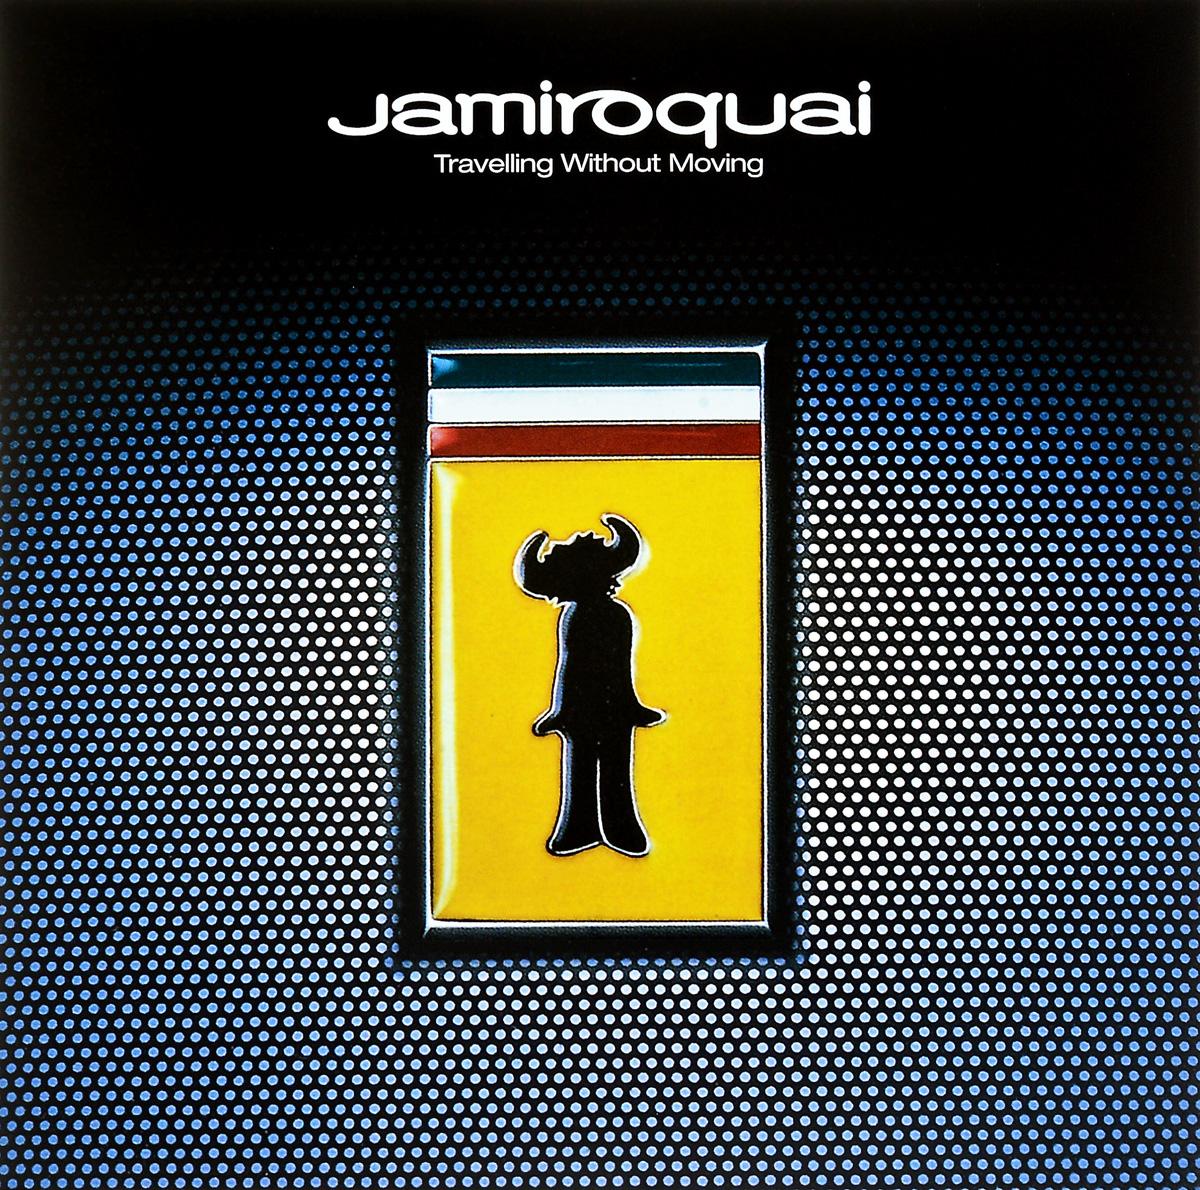 Jamiroquai Jamiroquai. Travelling Without Moving (2 LP) jamiroquai jamiroquai the return of the space cowboy 2 lp 180 gr